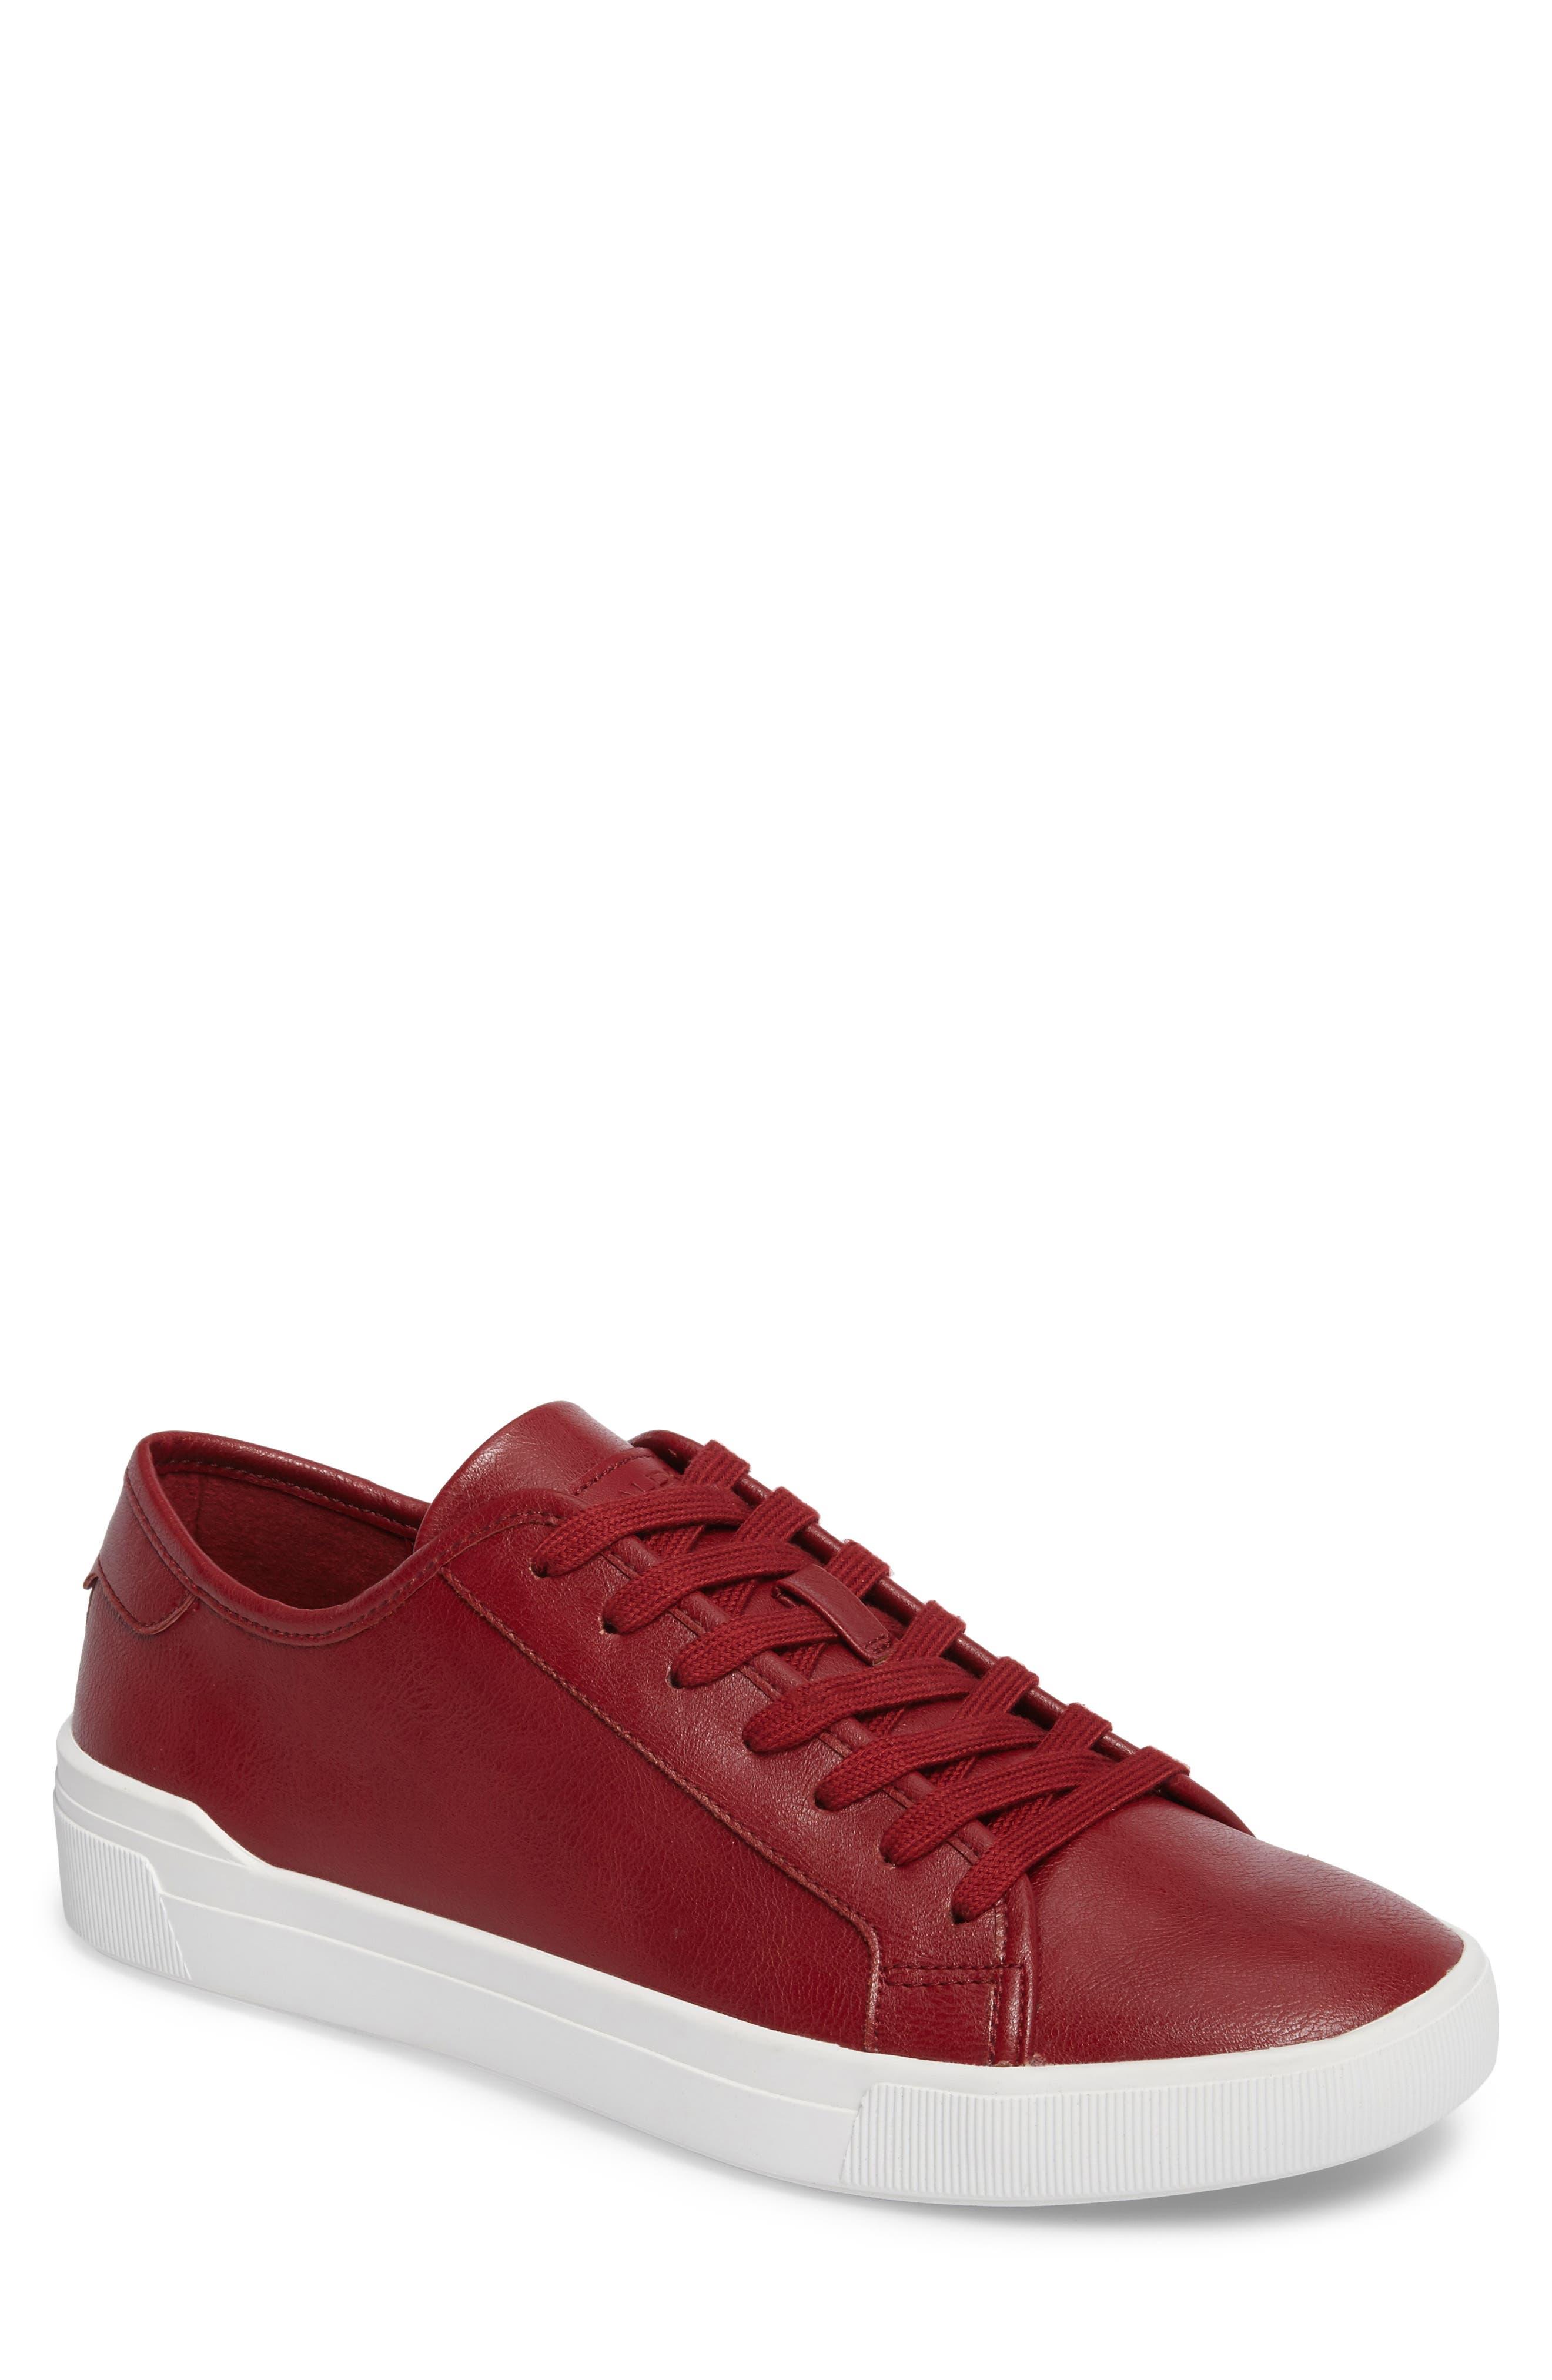 ALDO Haener Sneaker (Men)